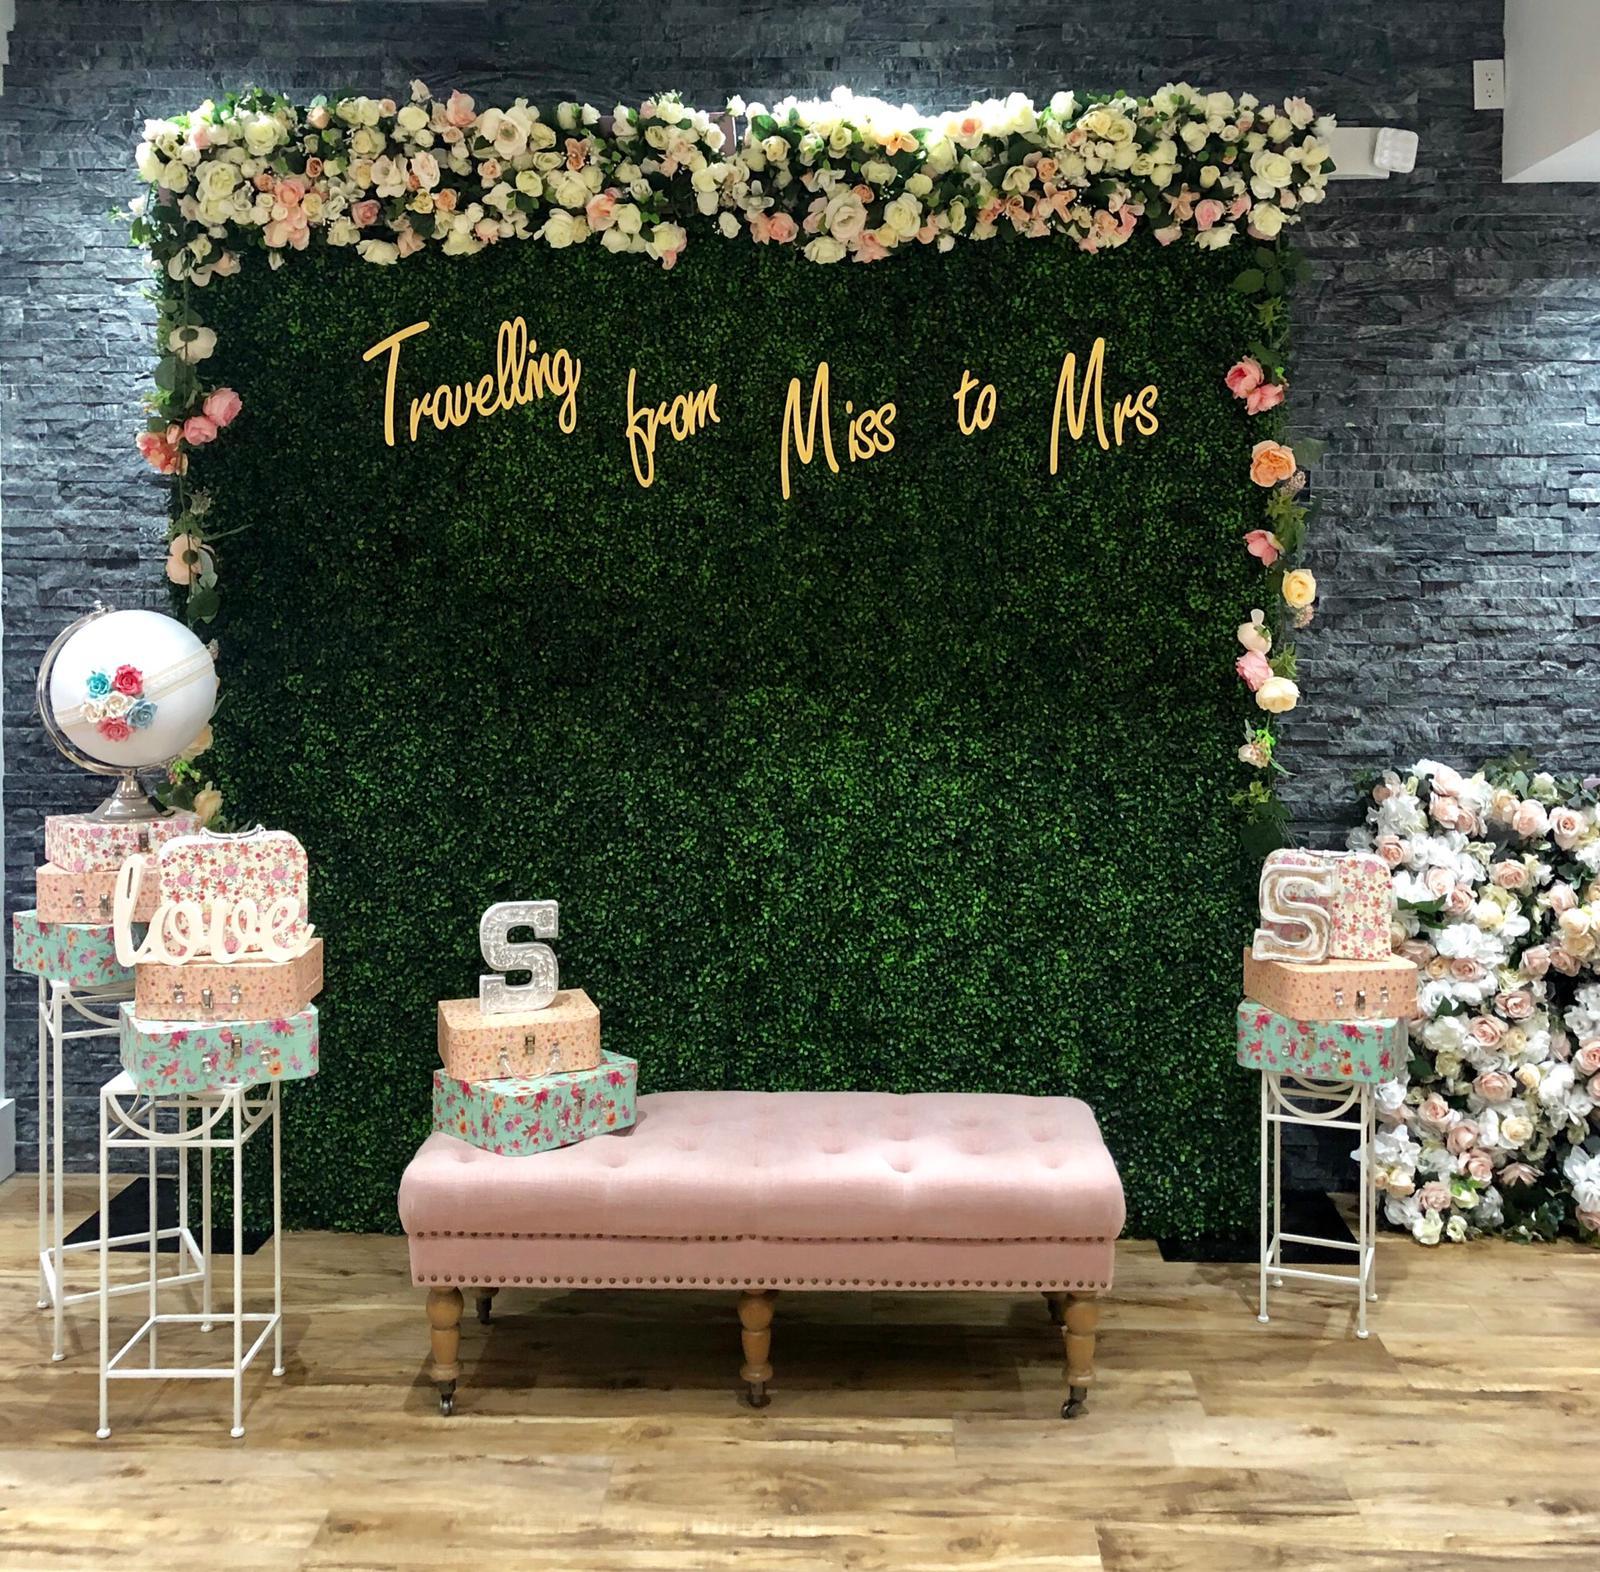 Green High Tea Flower Wall Events 365